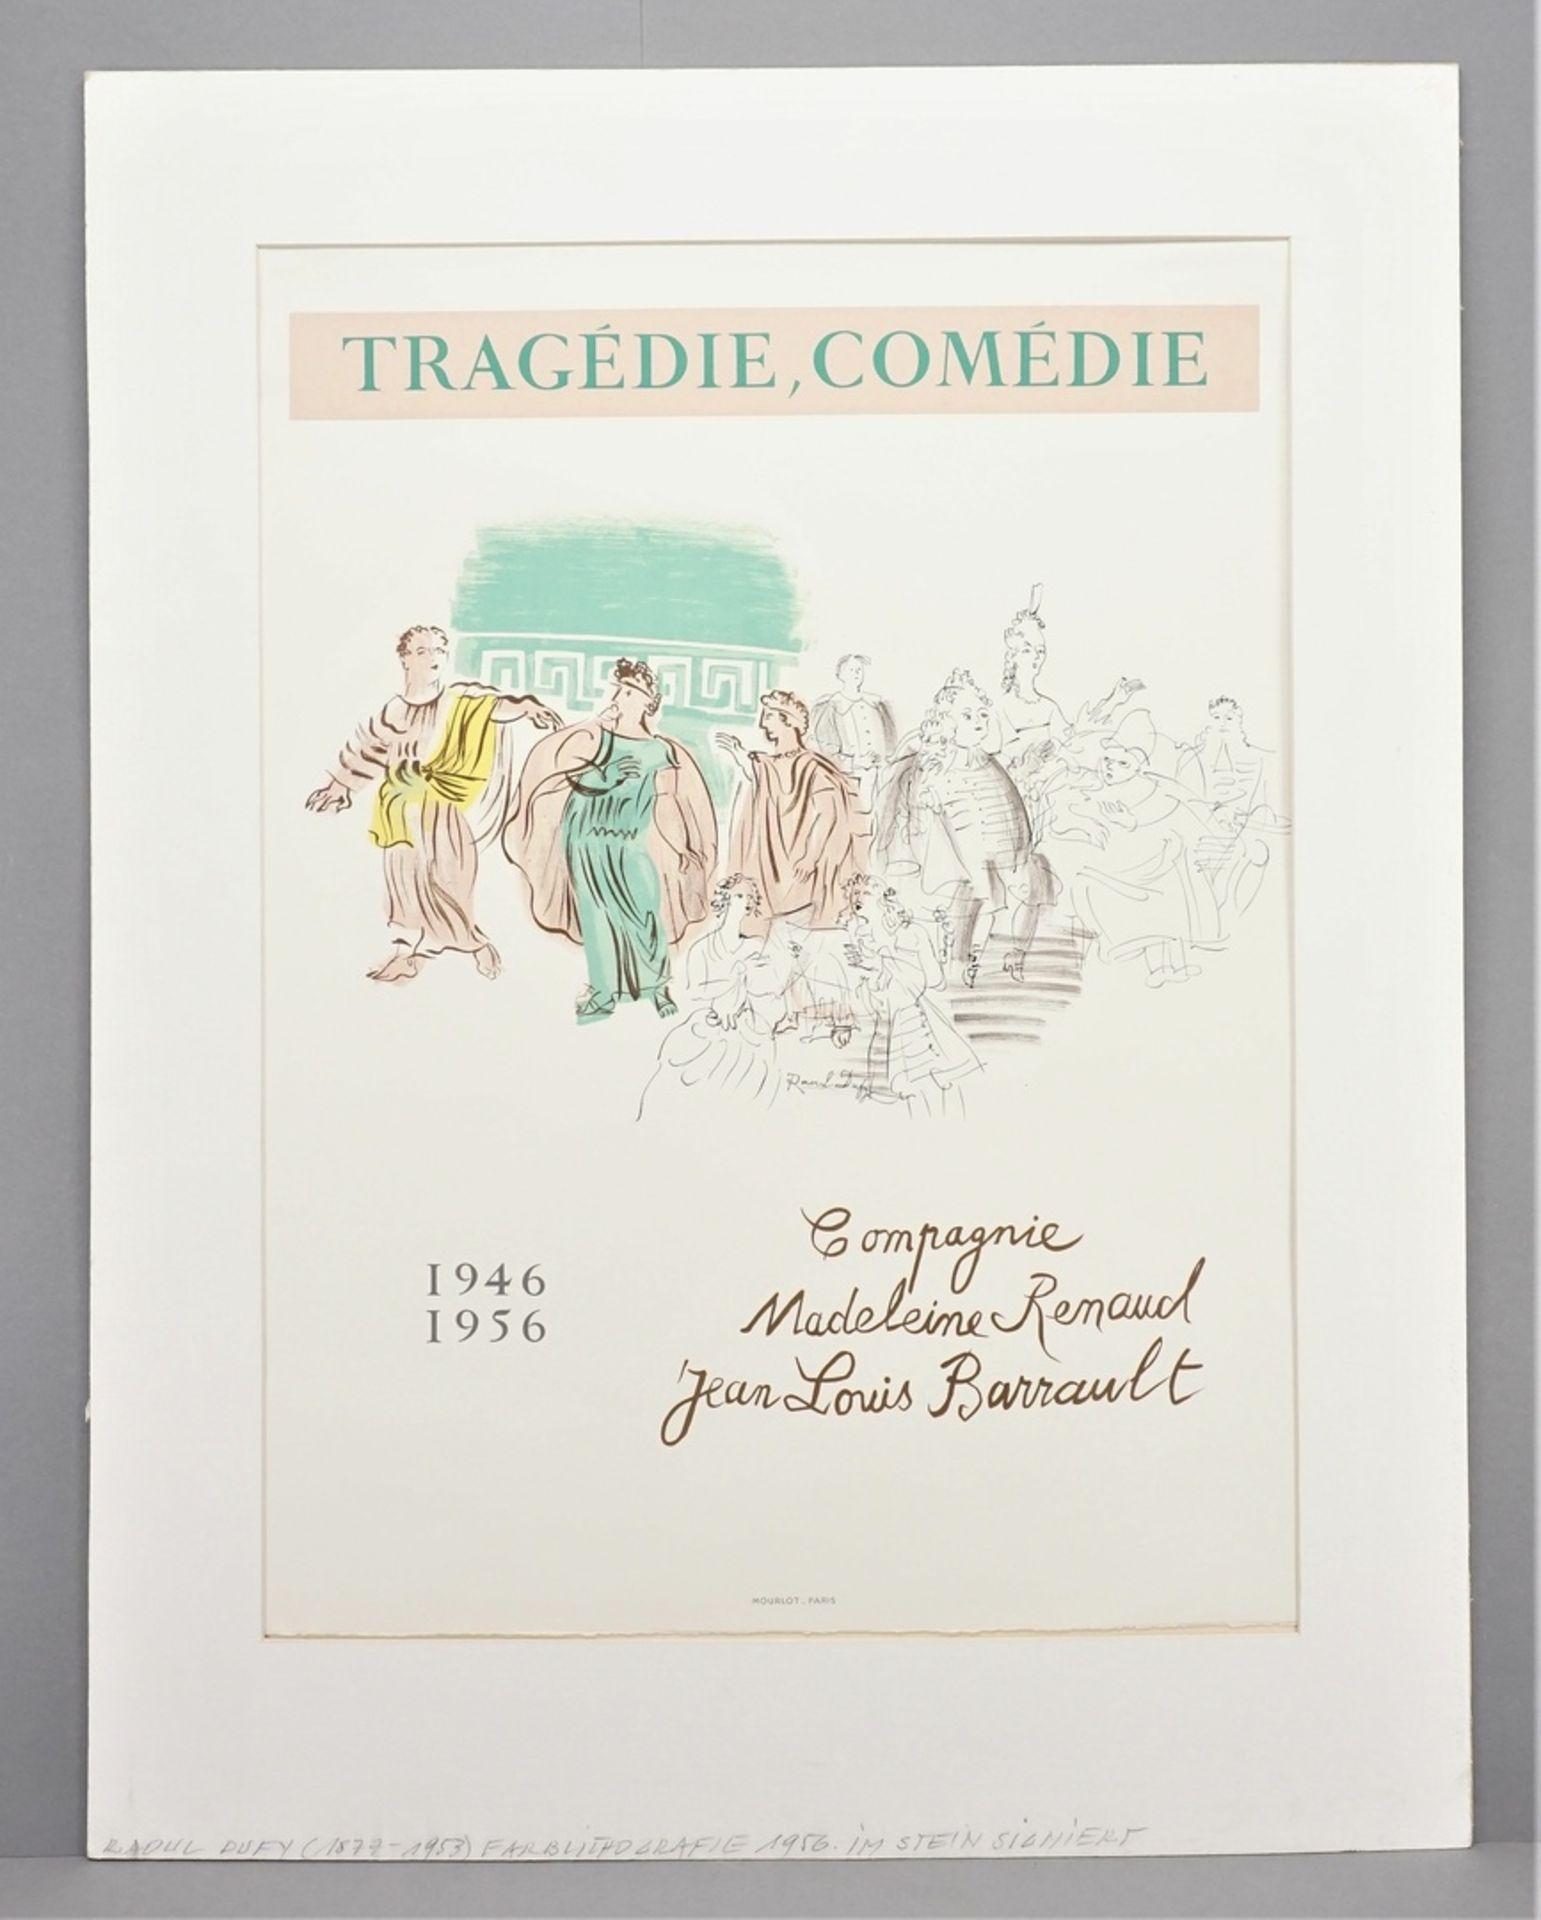 """Raoul Dufy, """"Tragédie, Comédie"""" (Tragödie, Komödie) - Bild 2 aus 3"""